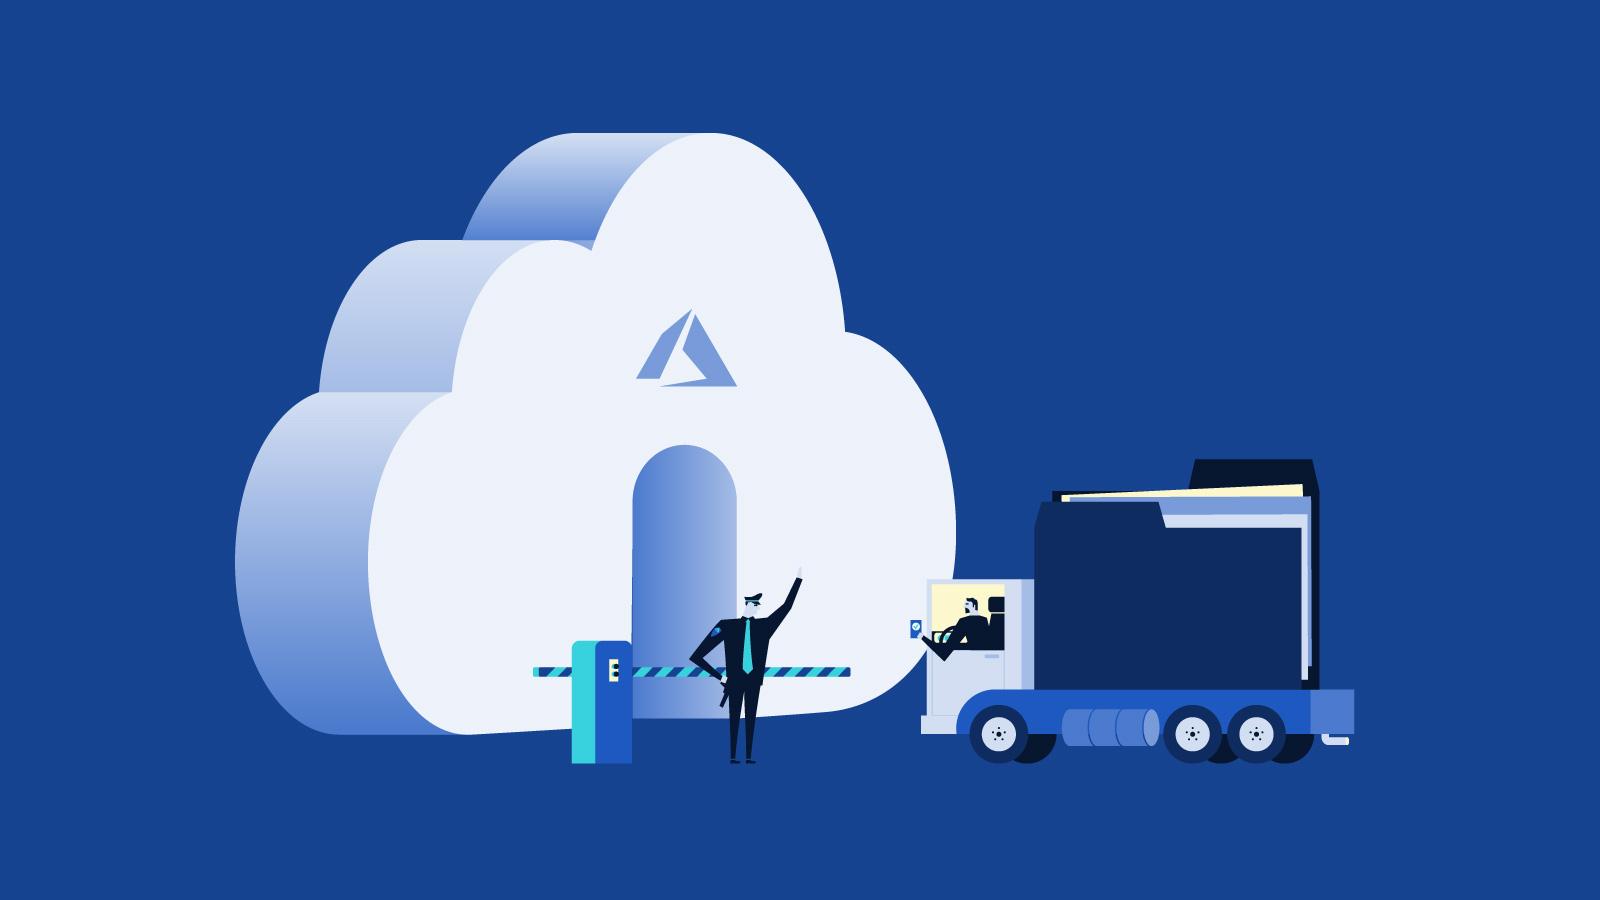 Wstęp do Azure: Archiwizacja danych w Azure. Bezpieczne przechowywanie danych przedsiębiorstwa w chmurze